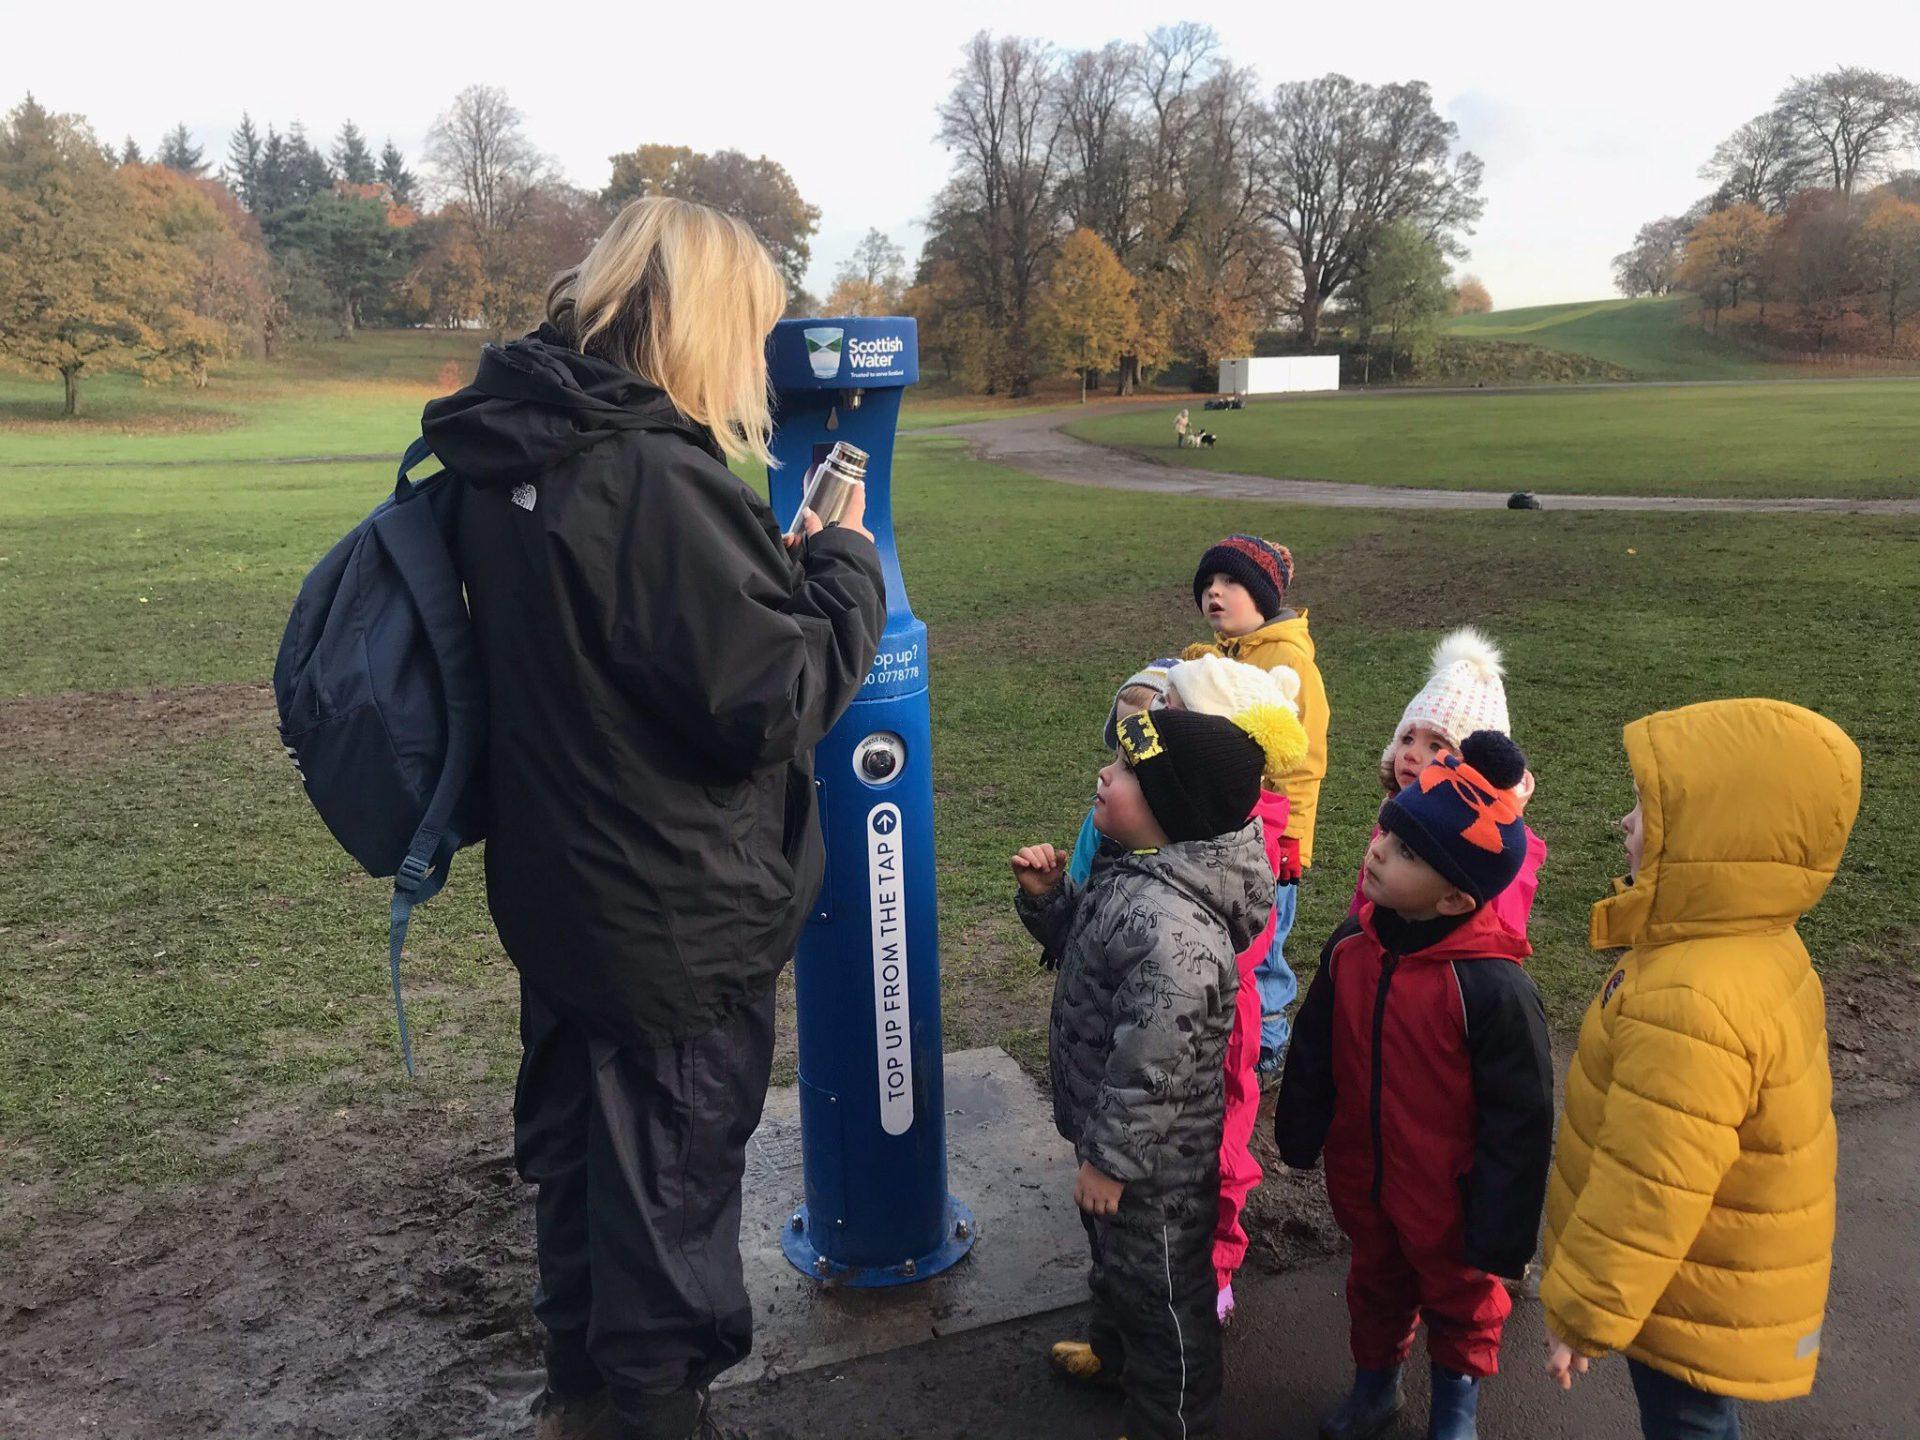 Teacher and children refilling their water bottles at the new bottle filler.